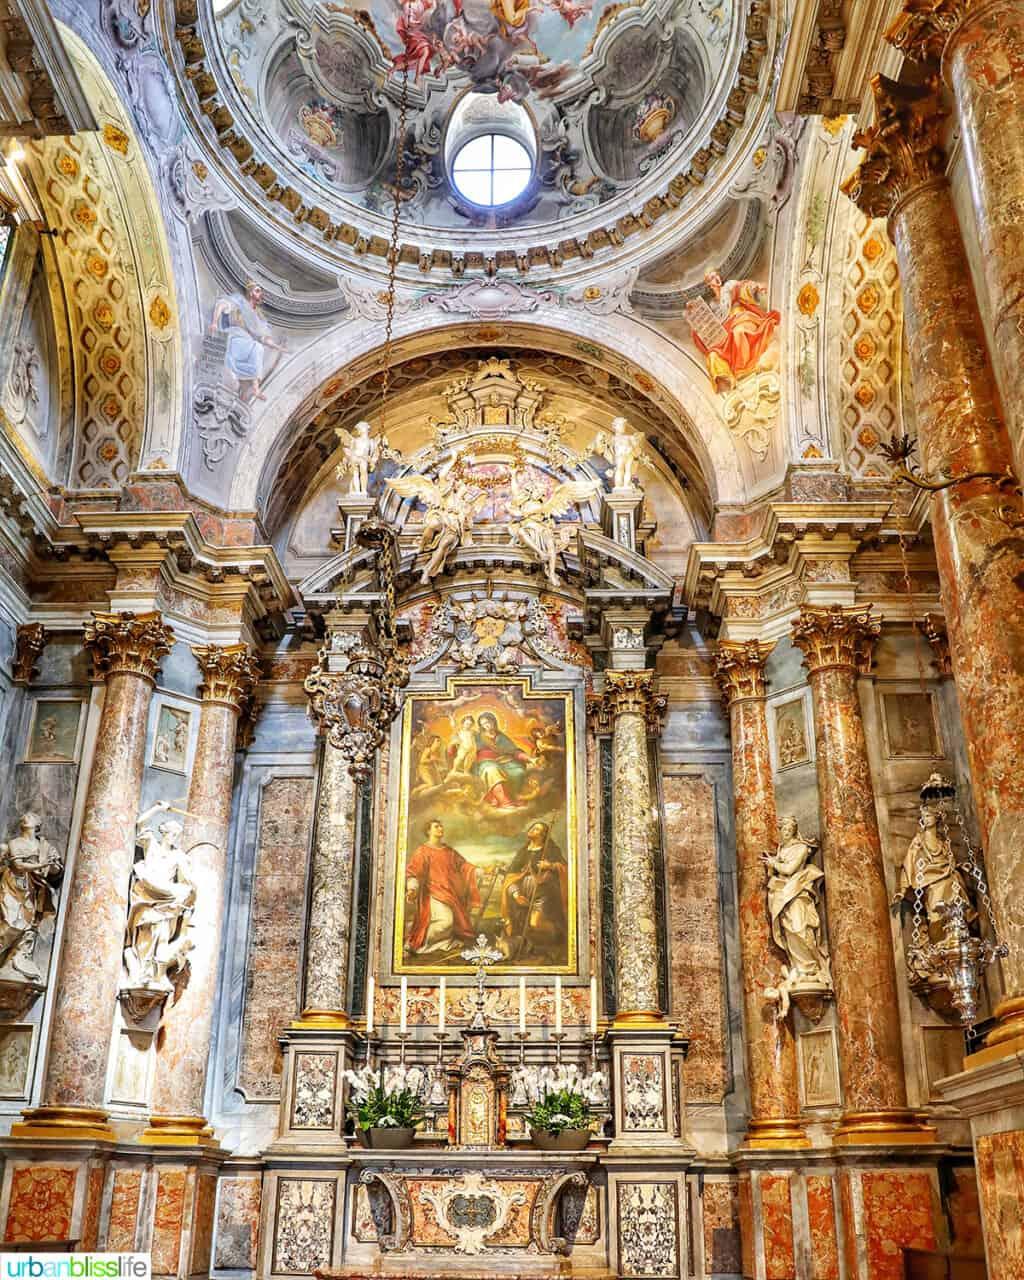 ornate church in Lugano, Switzerland